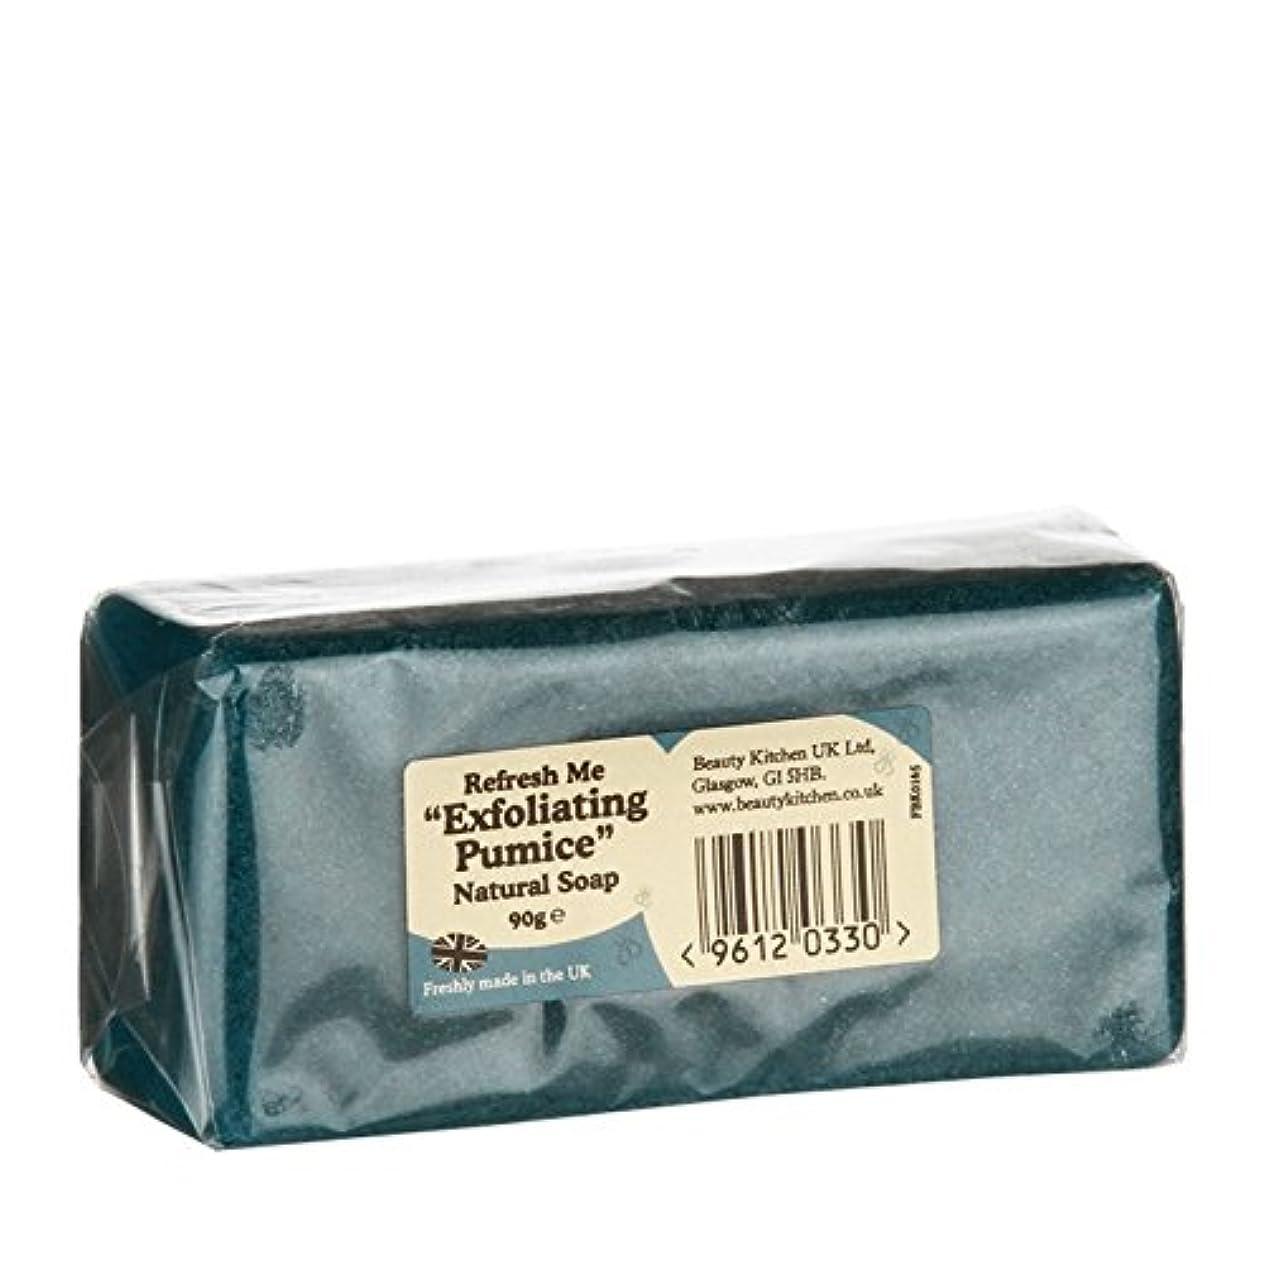 監査百科事典取り扱い美しさのキッチンは、軽石の天然石鹸90グラムを剥離私をリフレッシュ - Beauty Kitchen Refresh Me Exfoliating Pumice Natural Soap 90g (Beauty Kitchen...